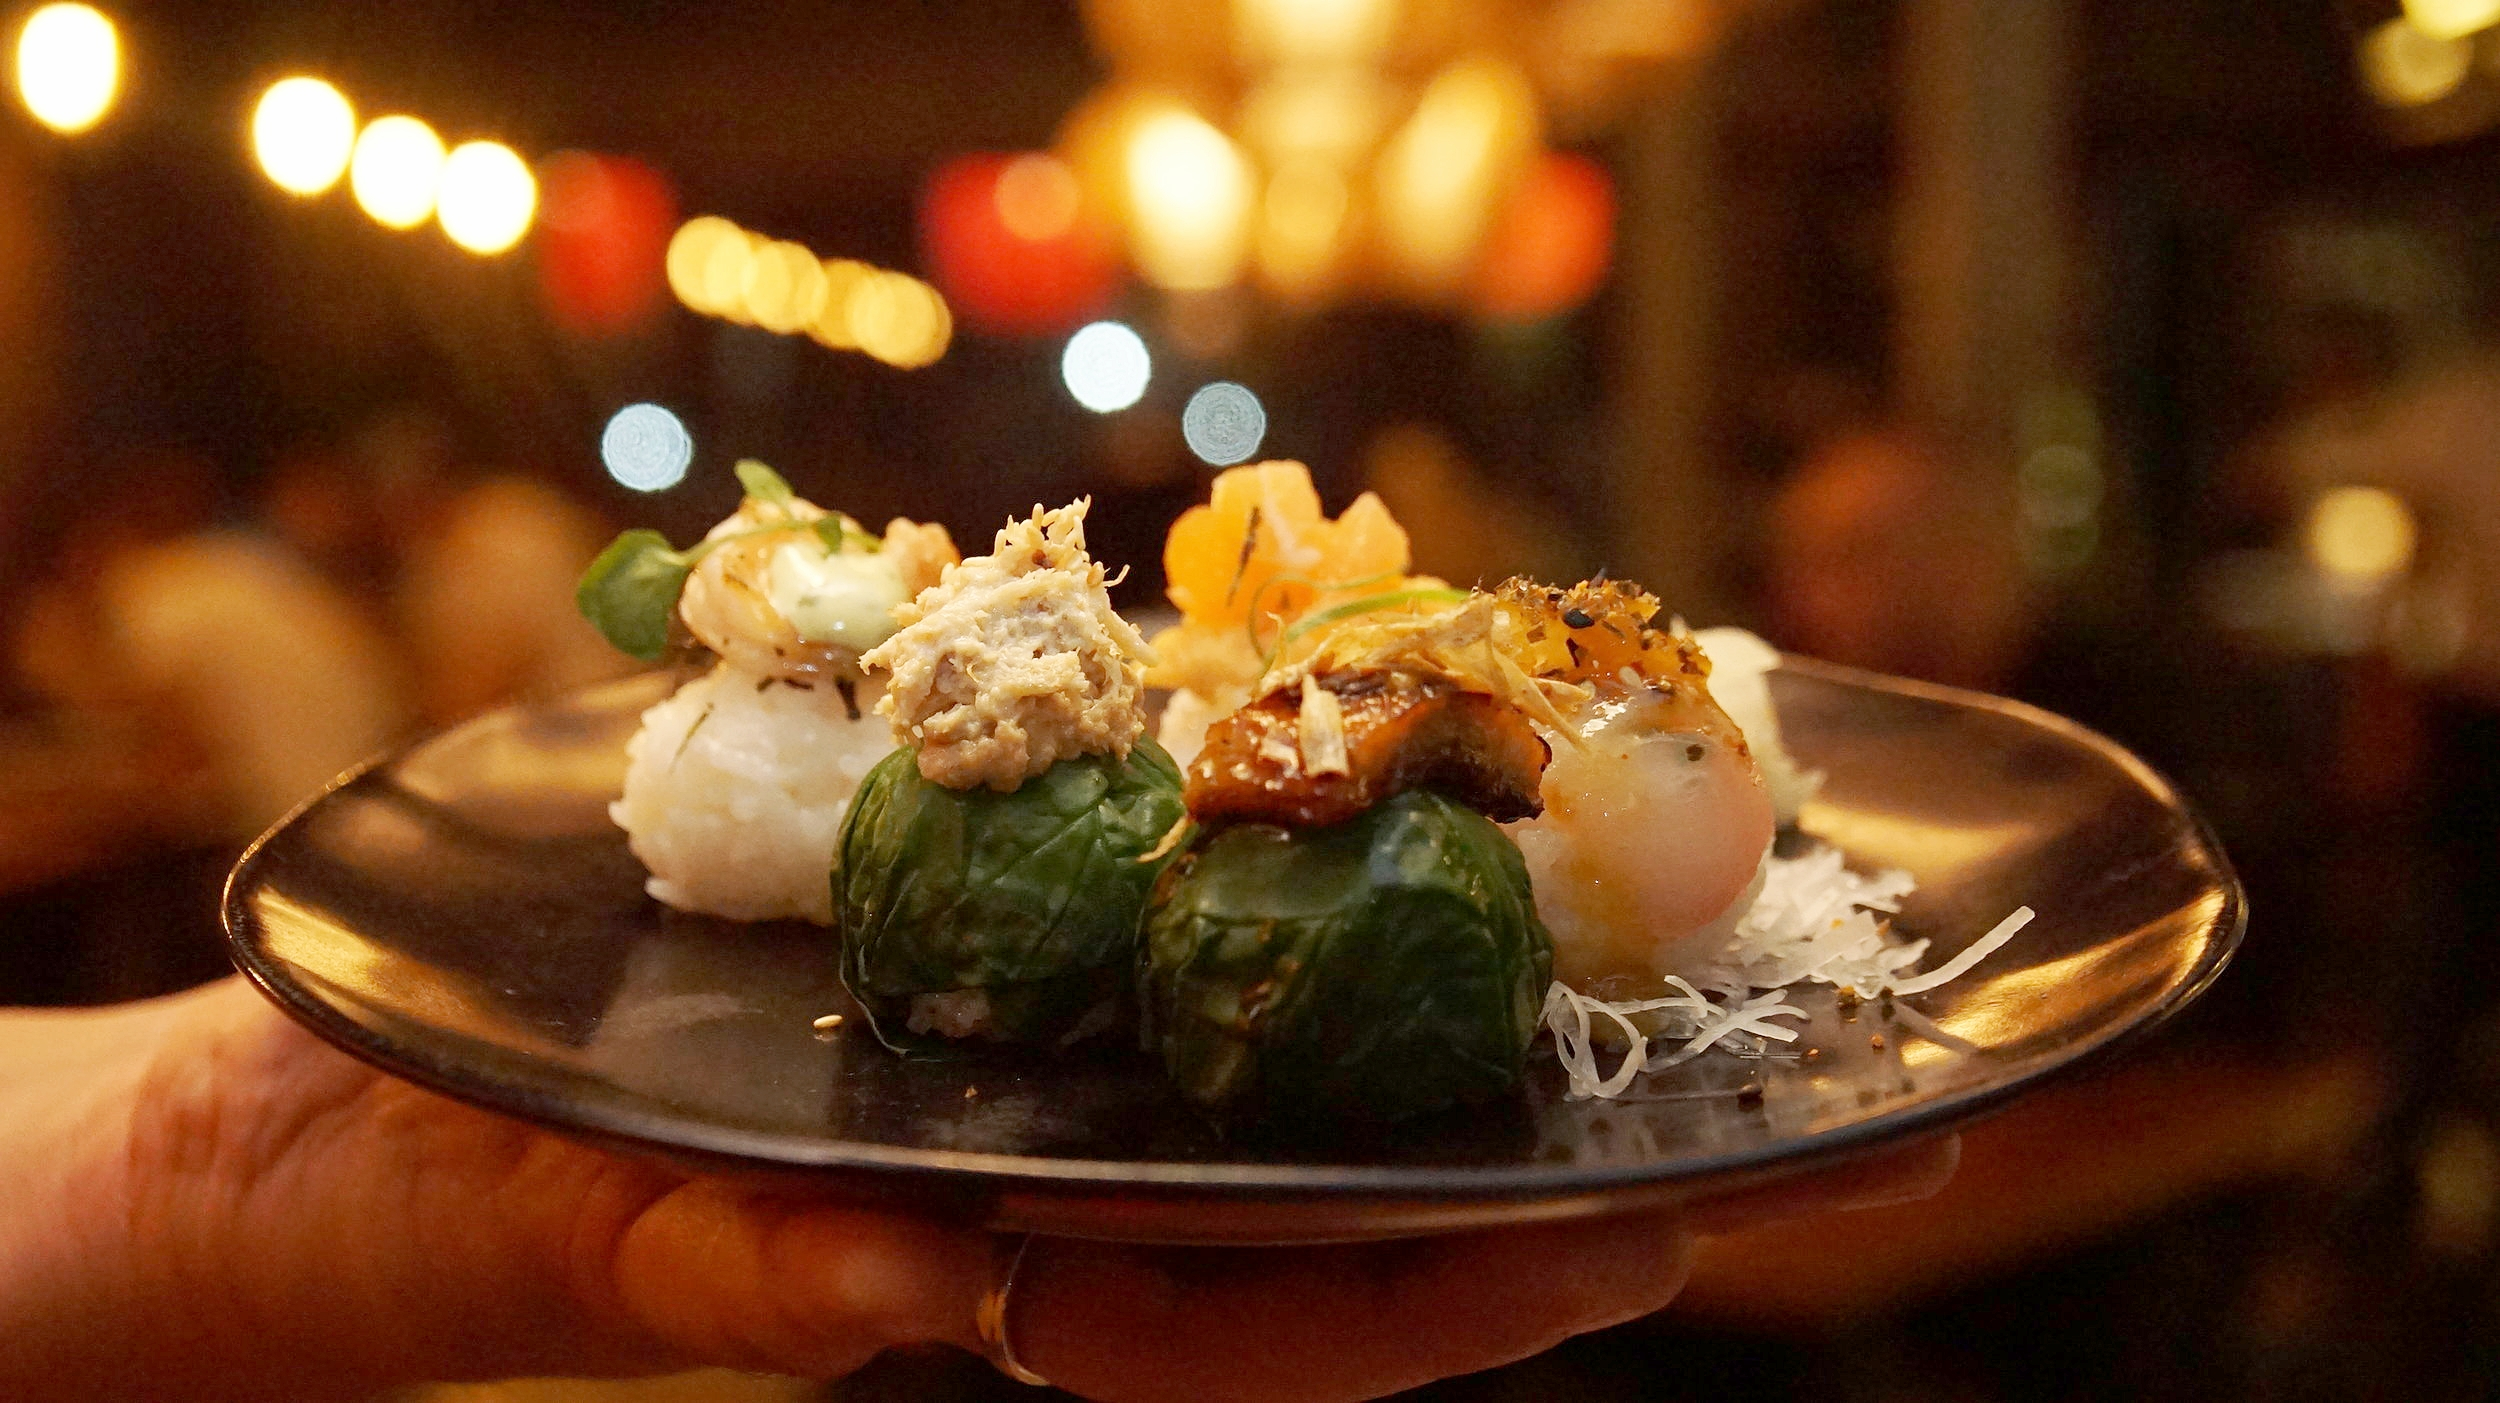 Temari Sushi One Eyed Jack